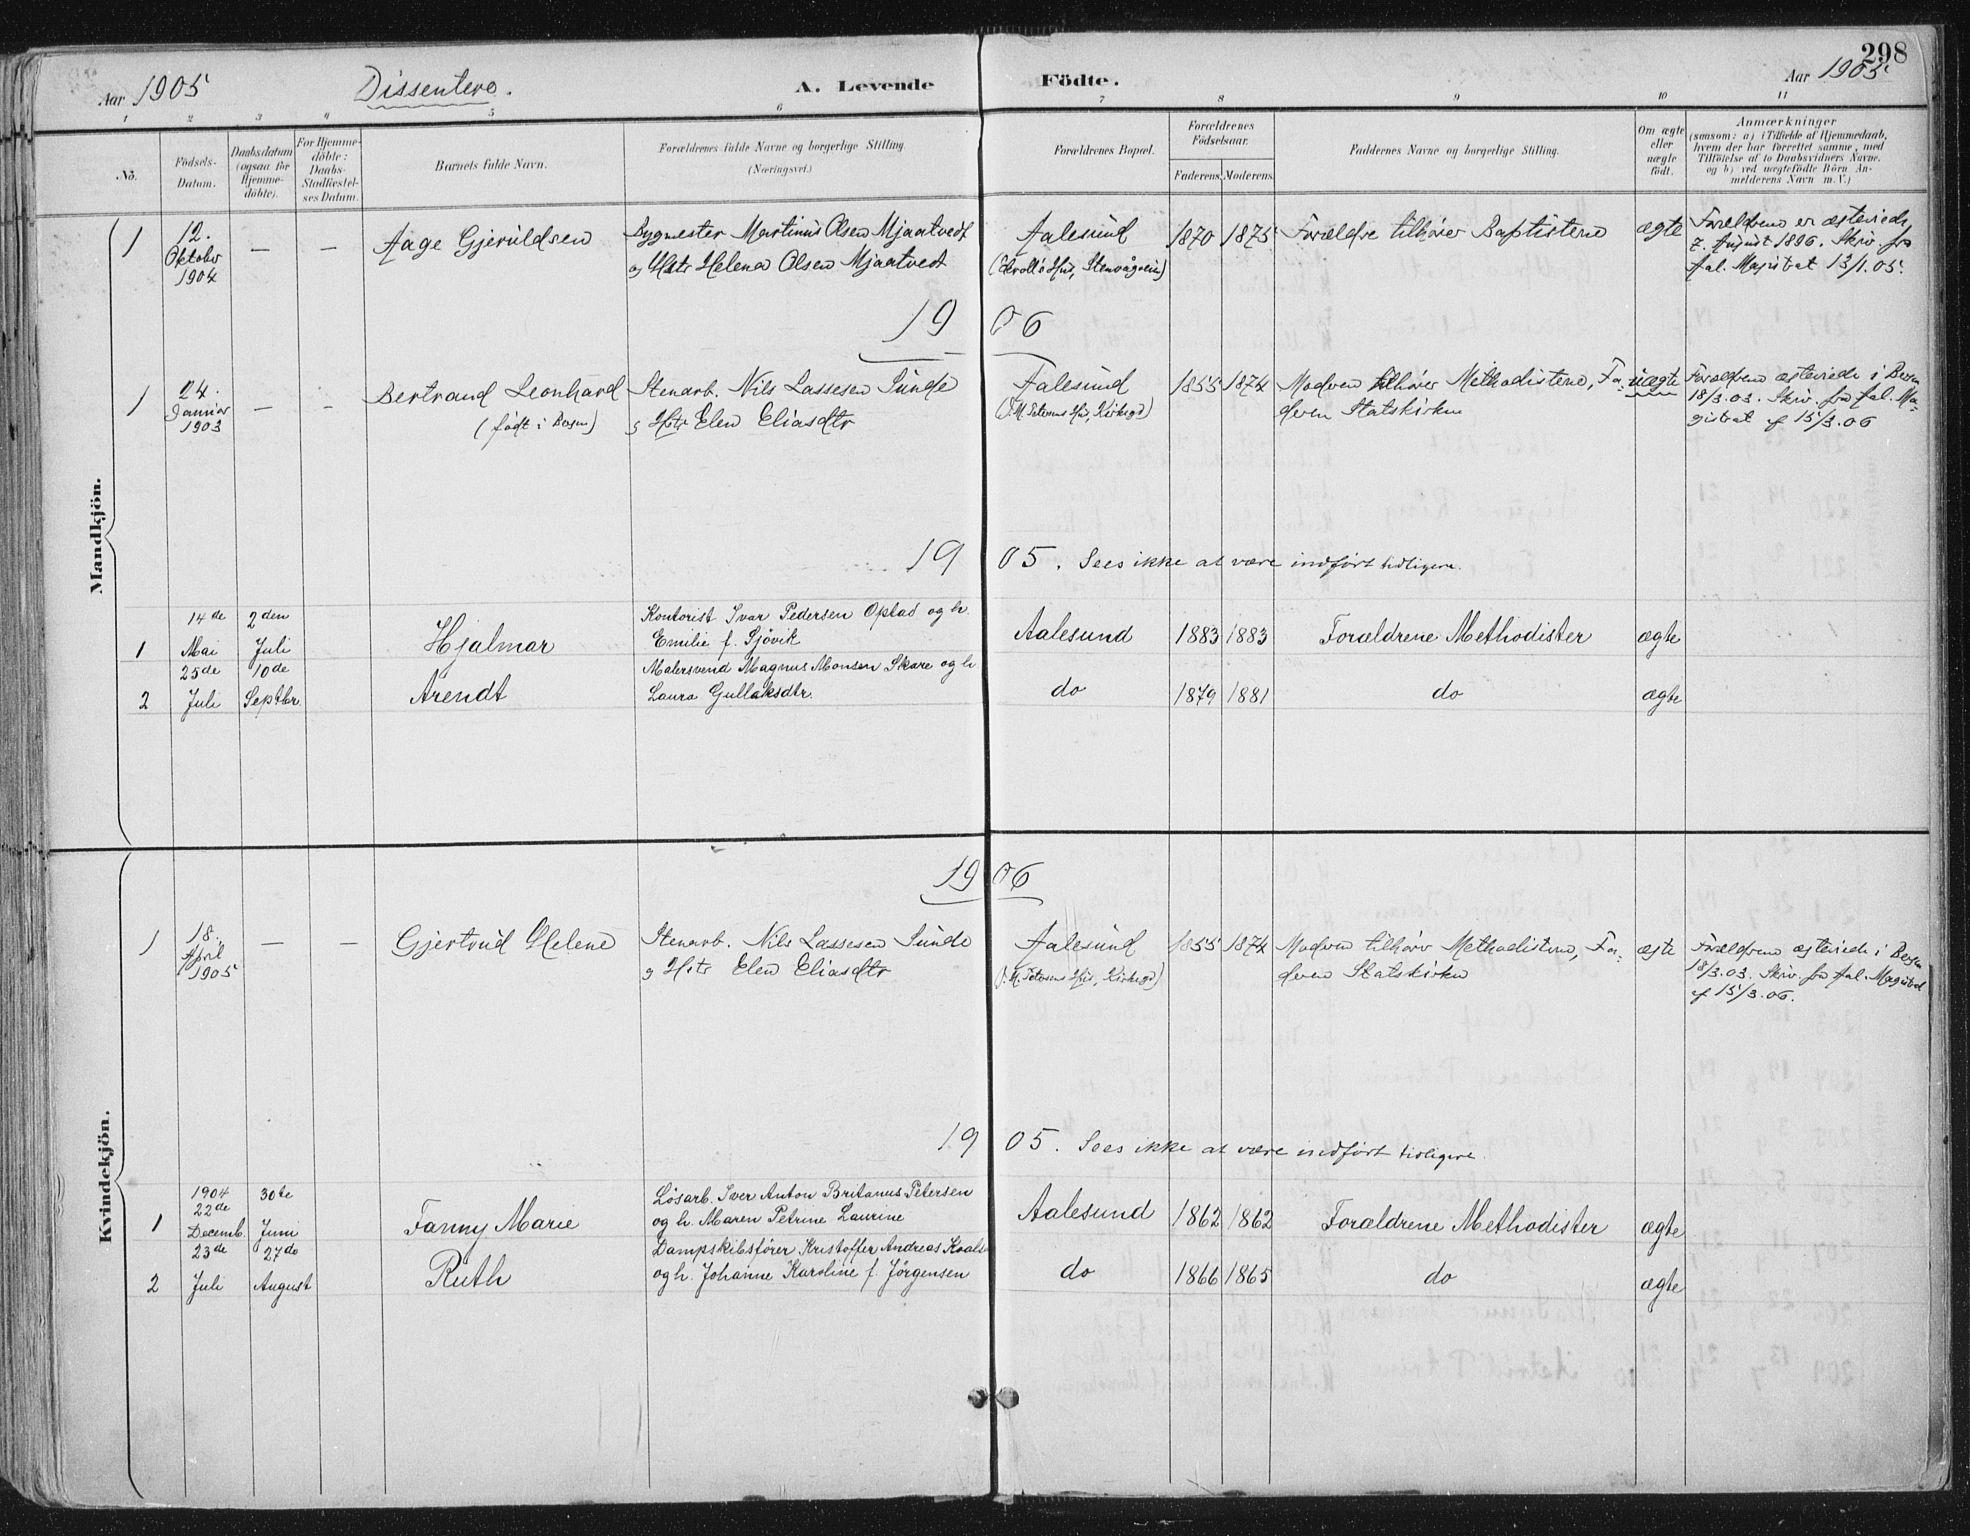 SAT, Ministerialprotokoller, klokkerbøker og fødselsregistre - Møre og Romsdal, 529/L0456: Ministerialbok nr. 529A06, 1894-1906, s. 298